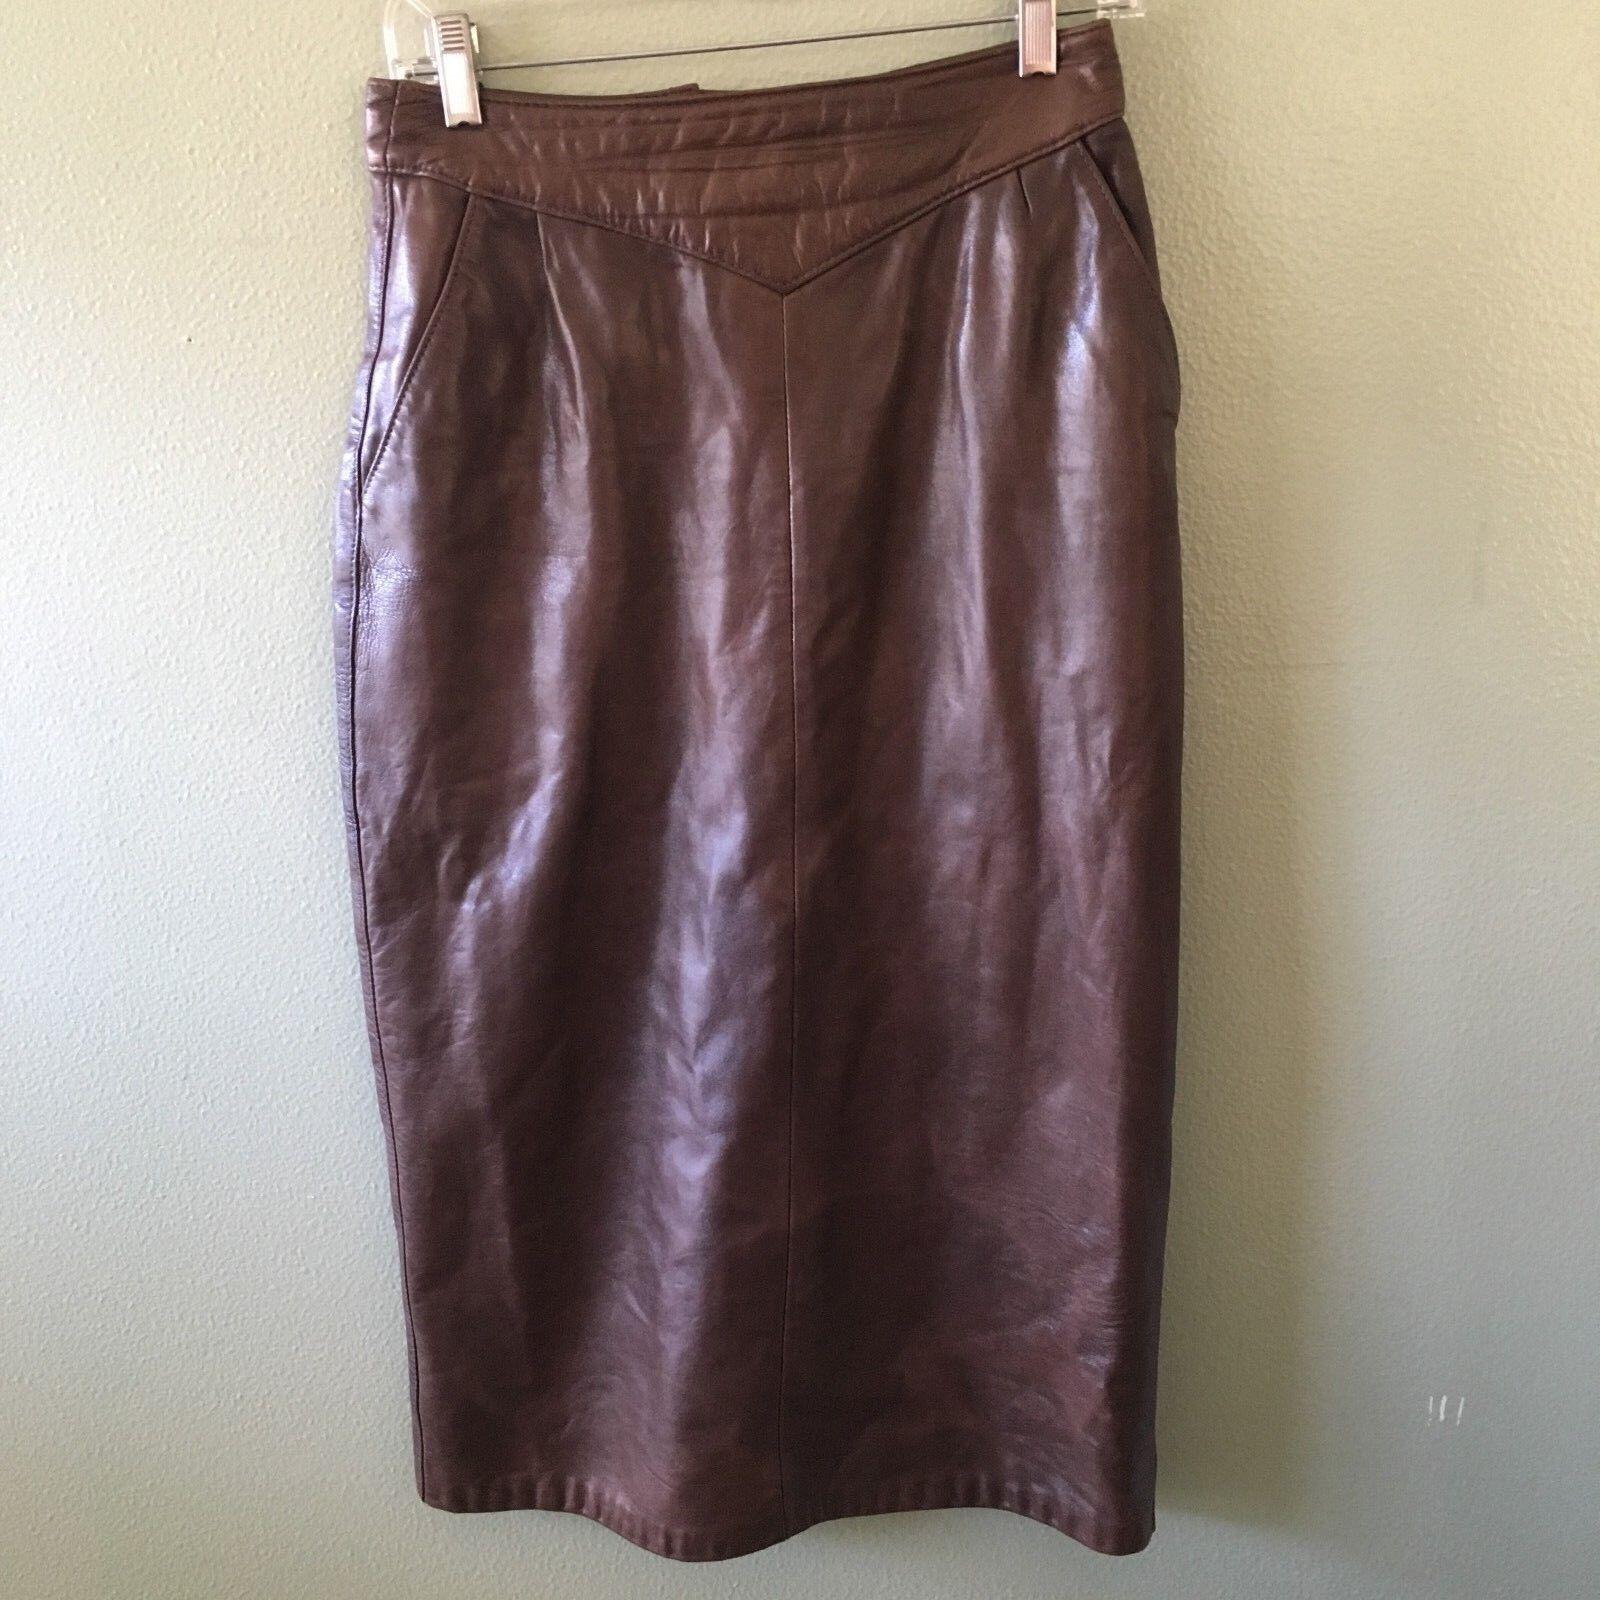 Vintage dita martin design skirt 10 brown leather vtg pencil - size 10